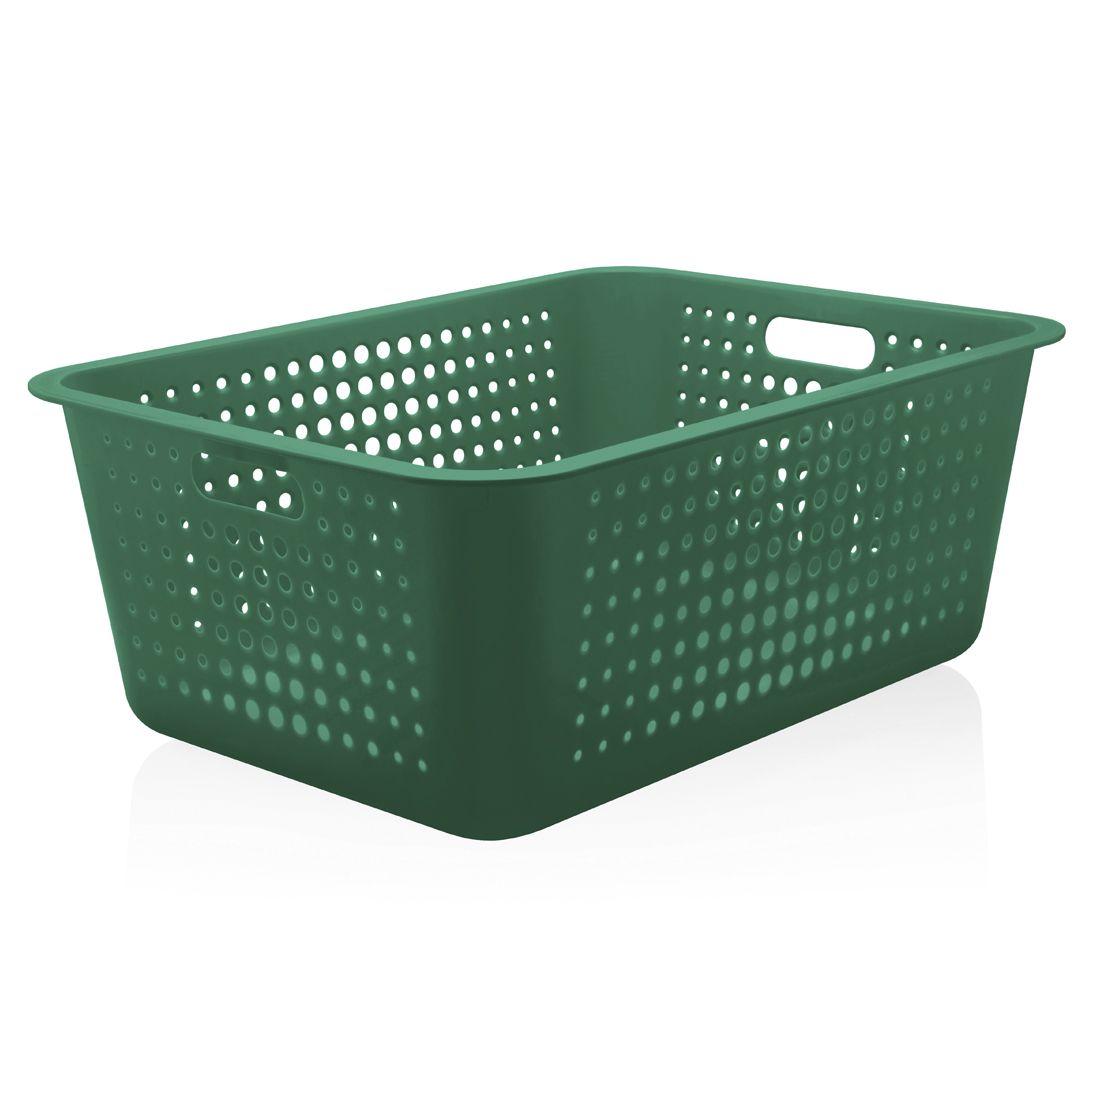 Cesta Organizadora de Polipropileno Empilhável Verde Botânico Maxi 40L